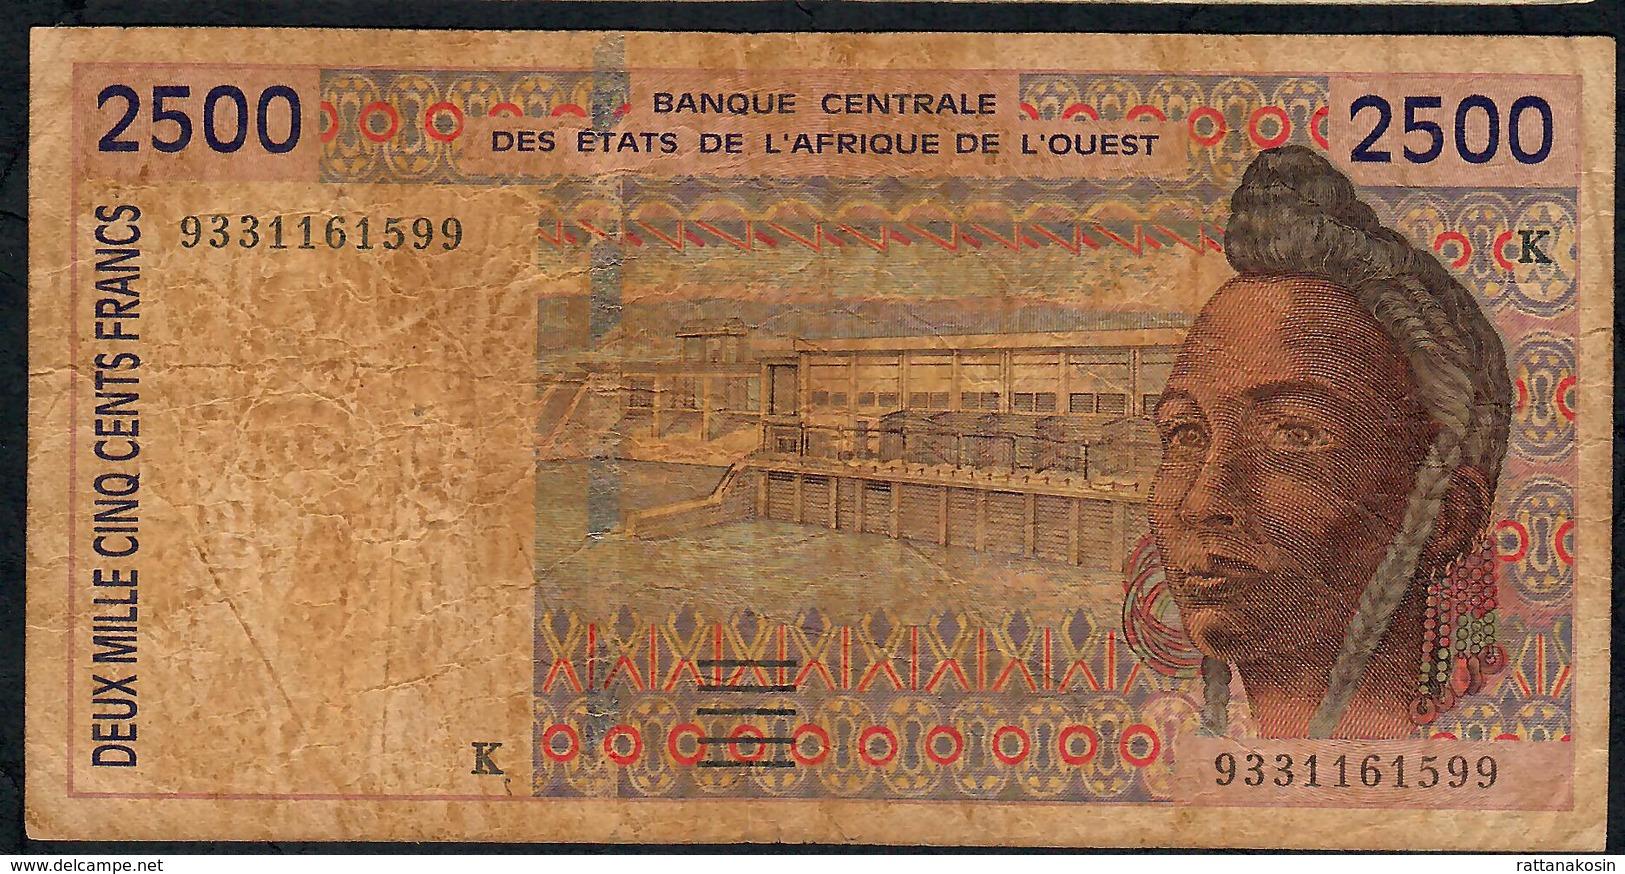 W.A.S. SENEGAL P712Kb 2500 FRANCS (19)93. FINE - Sénégal